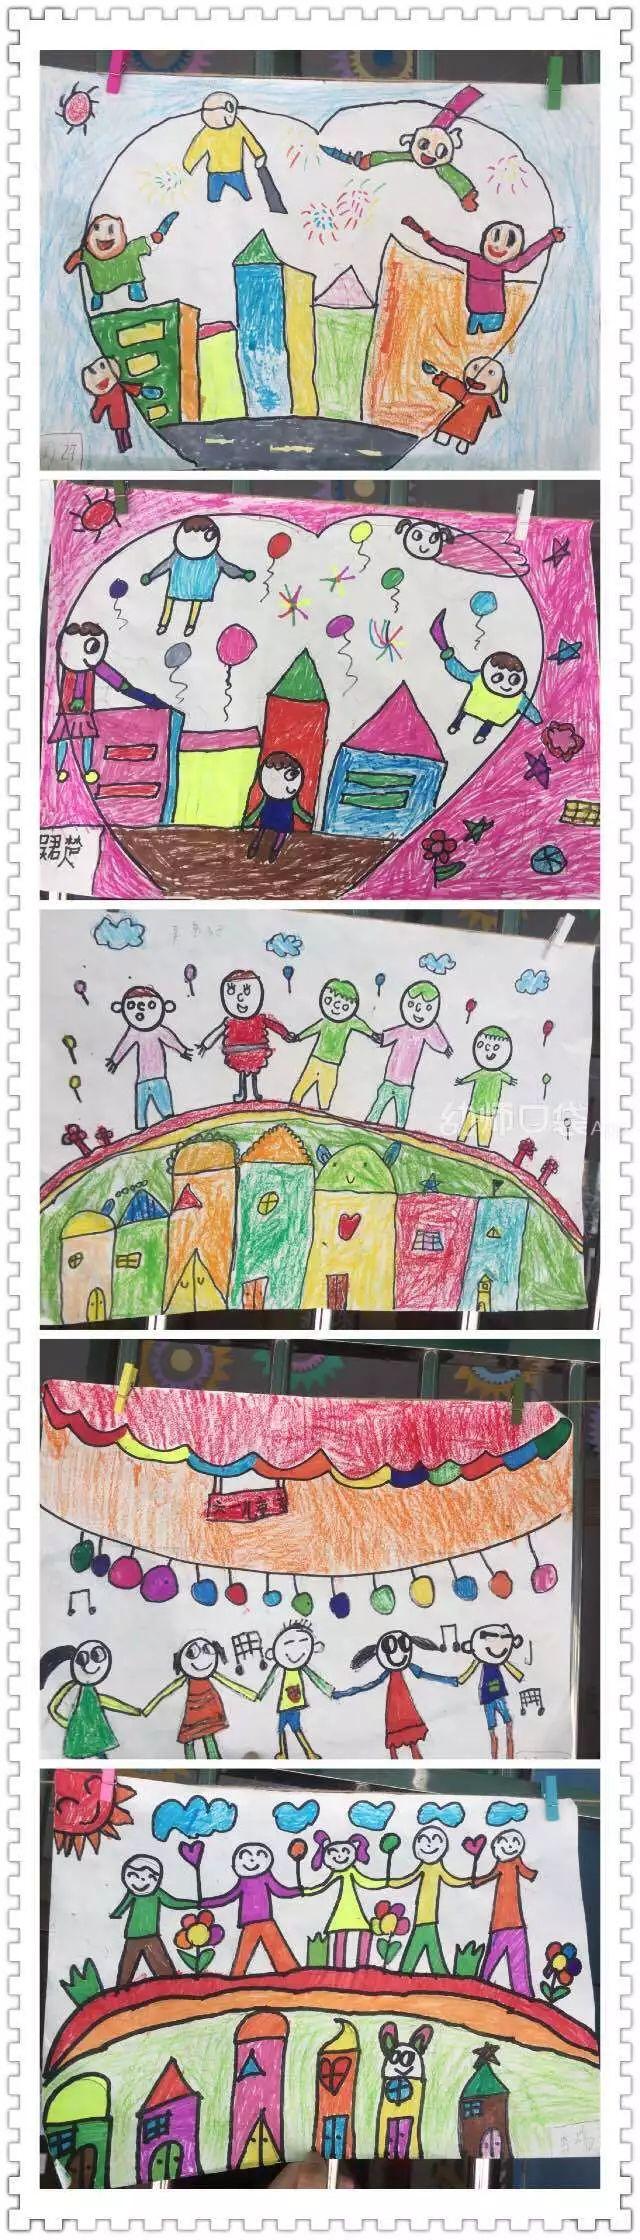 孩子再将过程画出来,原来自己长这样,真好玩~   发布者:熊猫绿草